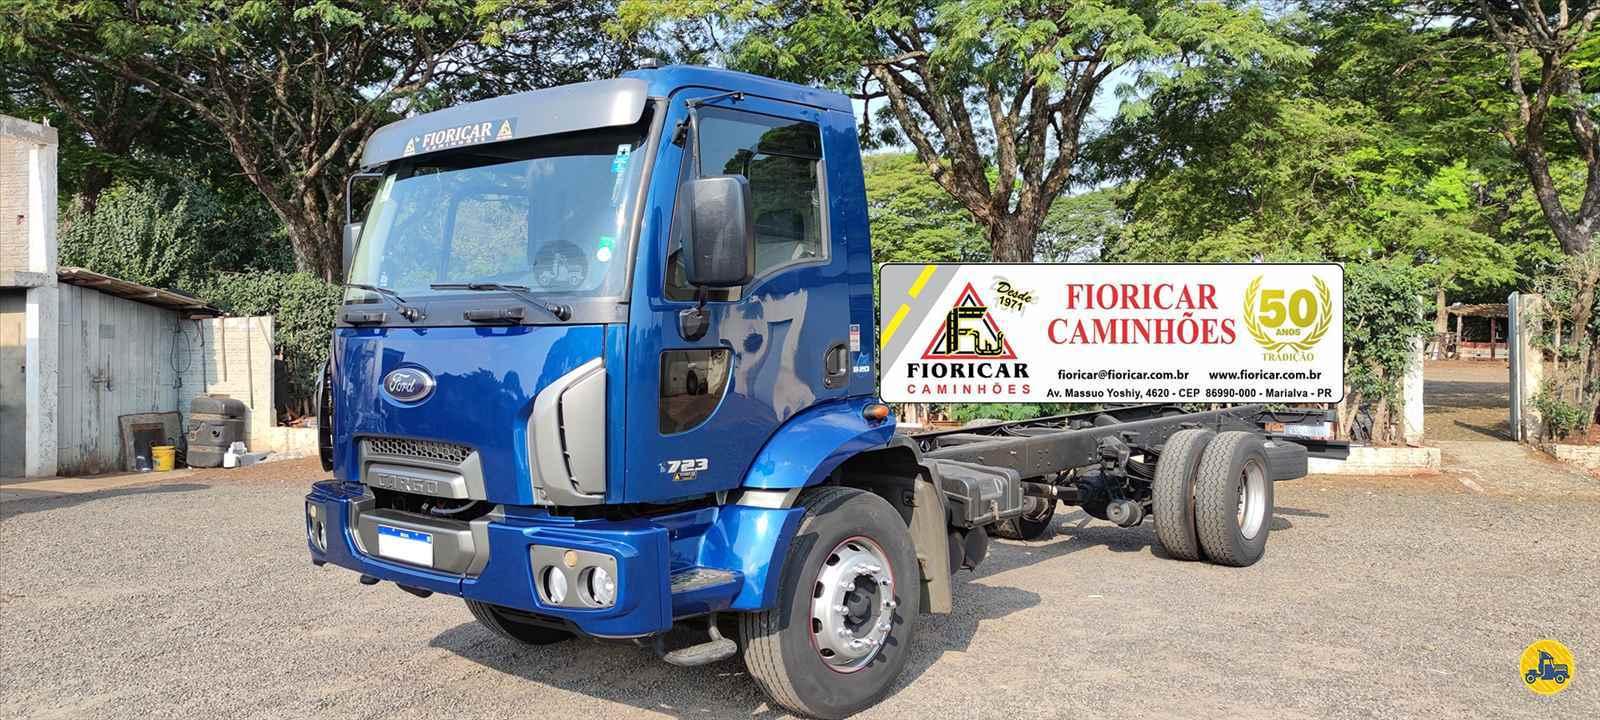 CAMINHAO FORD CARGO 1723 Chassis Toco 4x2 Fioricar Caminhões MARIALVA PARANÁ PR